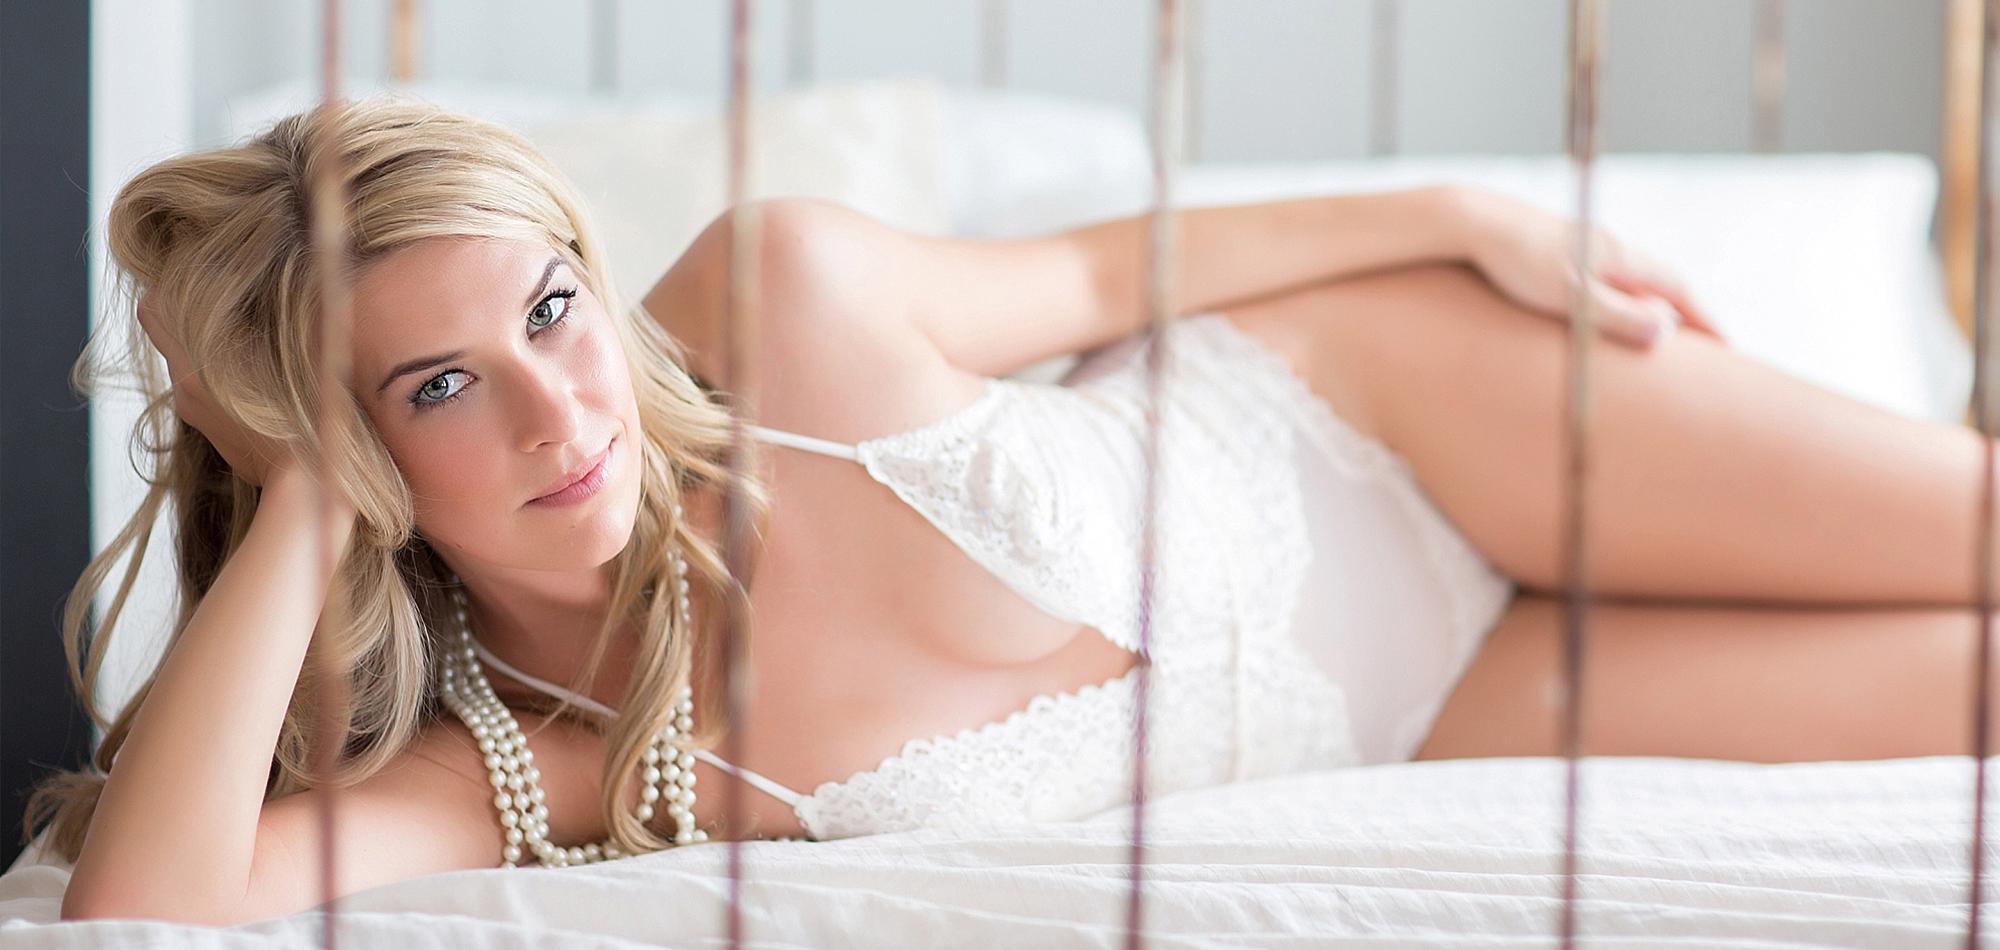 Brio-Art-boudoir-photography-013.jpg